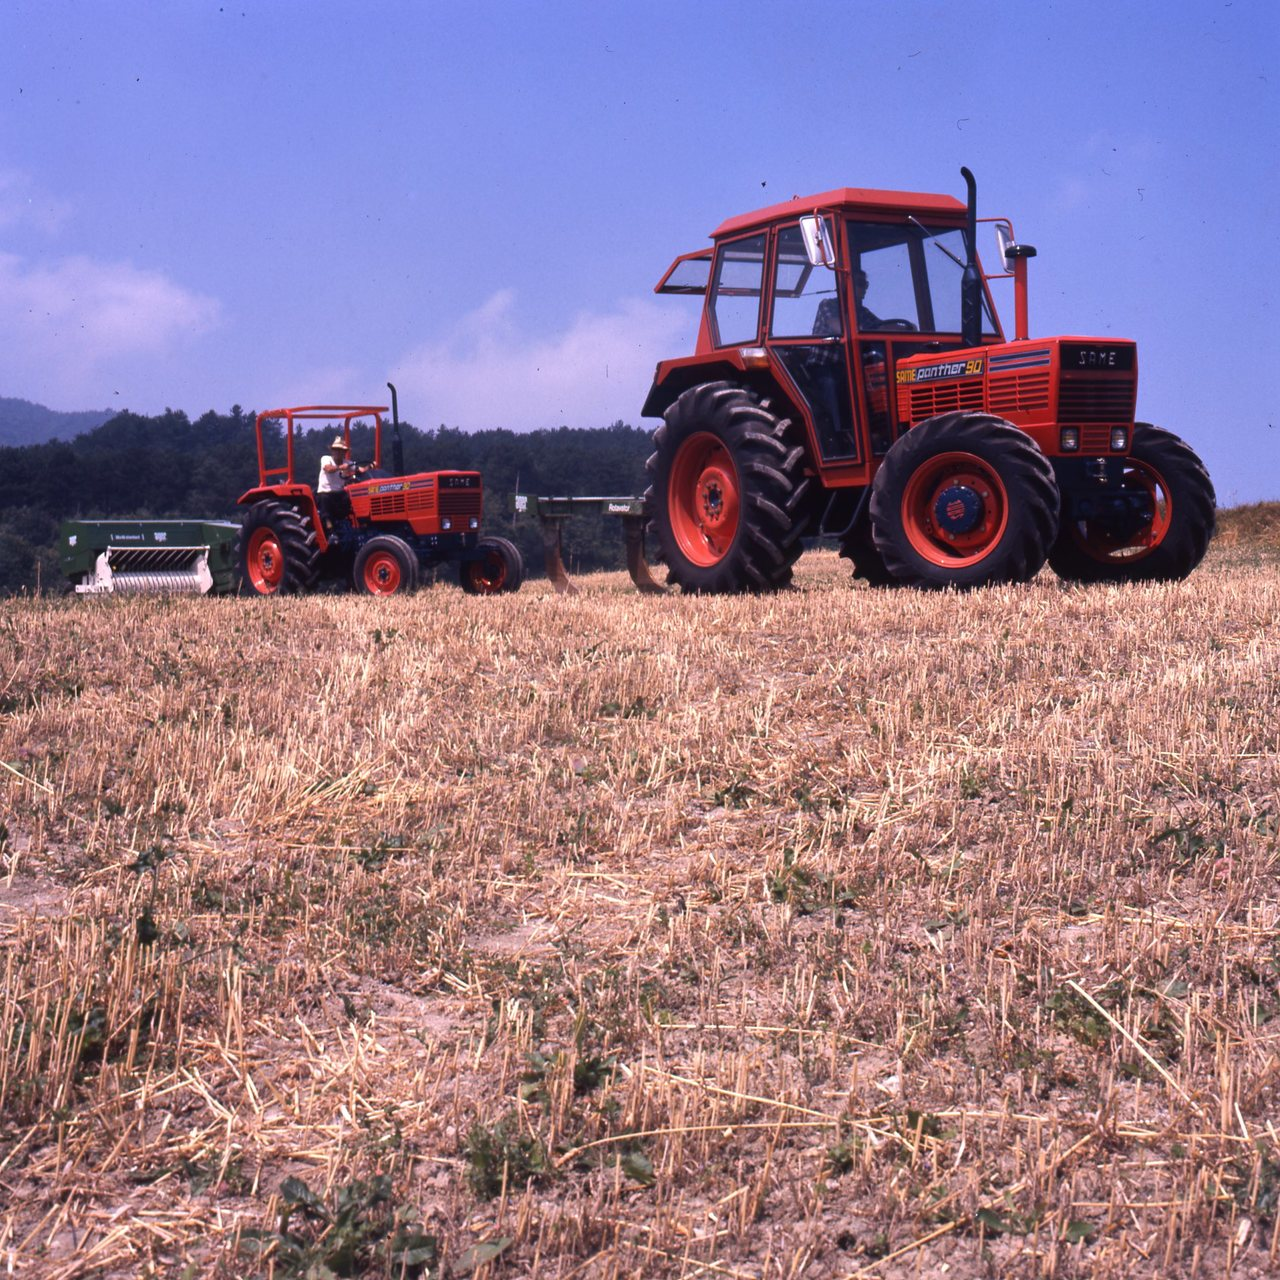 [SAME] trattore Panther 90 a 2 ruote motrici e doppia trazione al lavoro